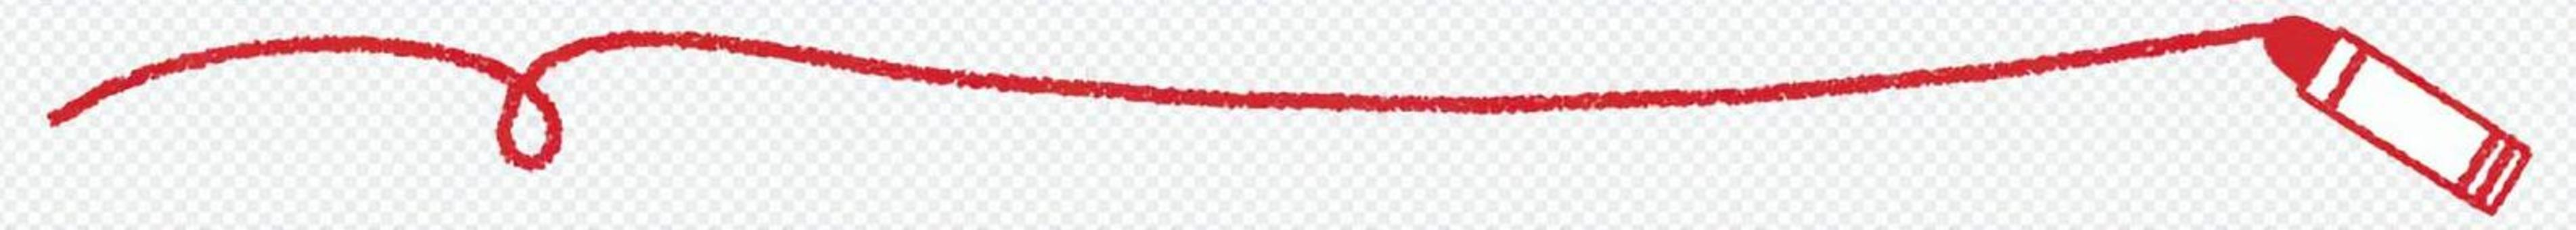 蠟筆和線條_紅色